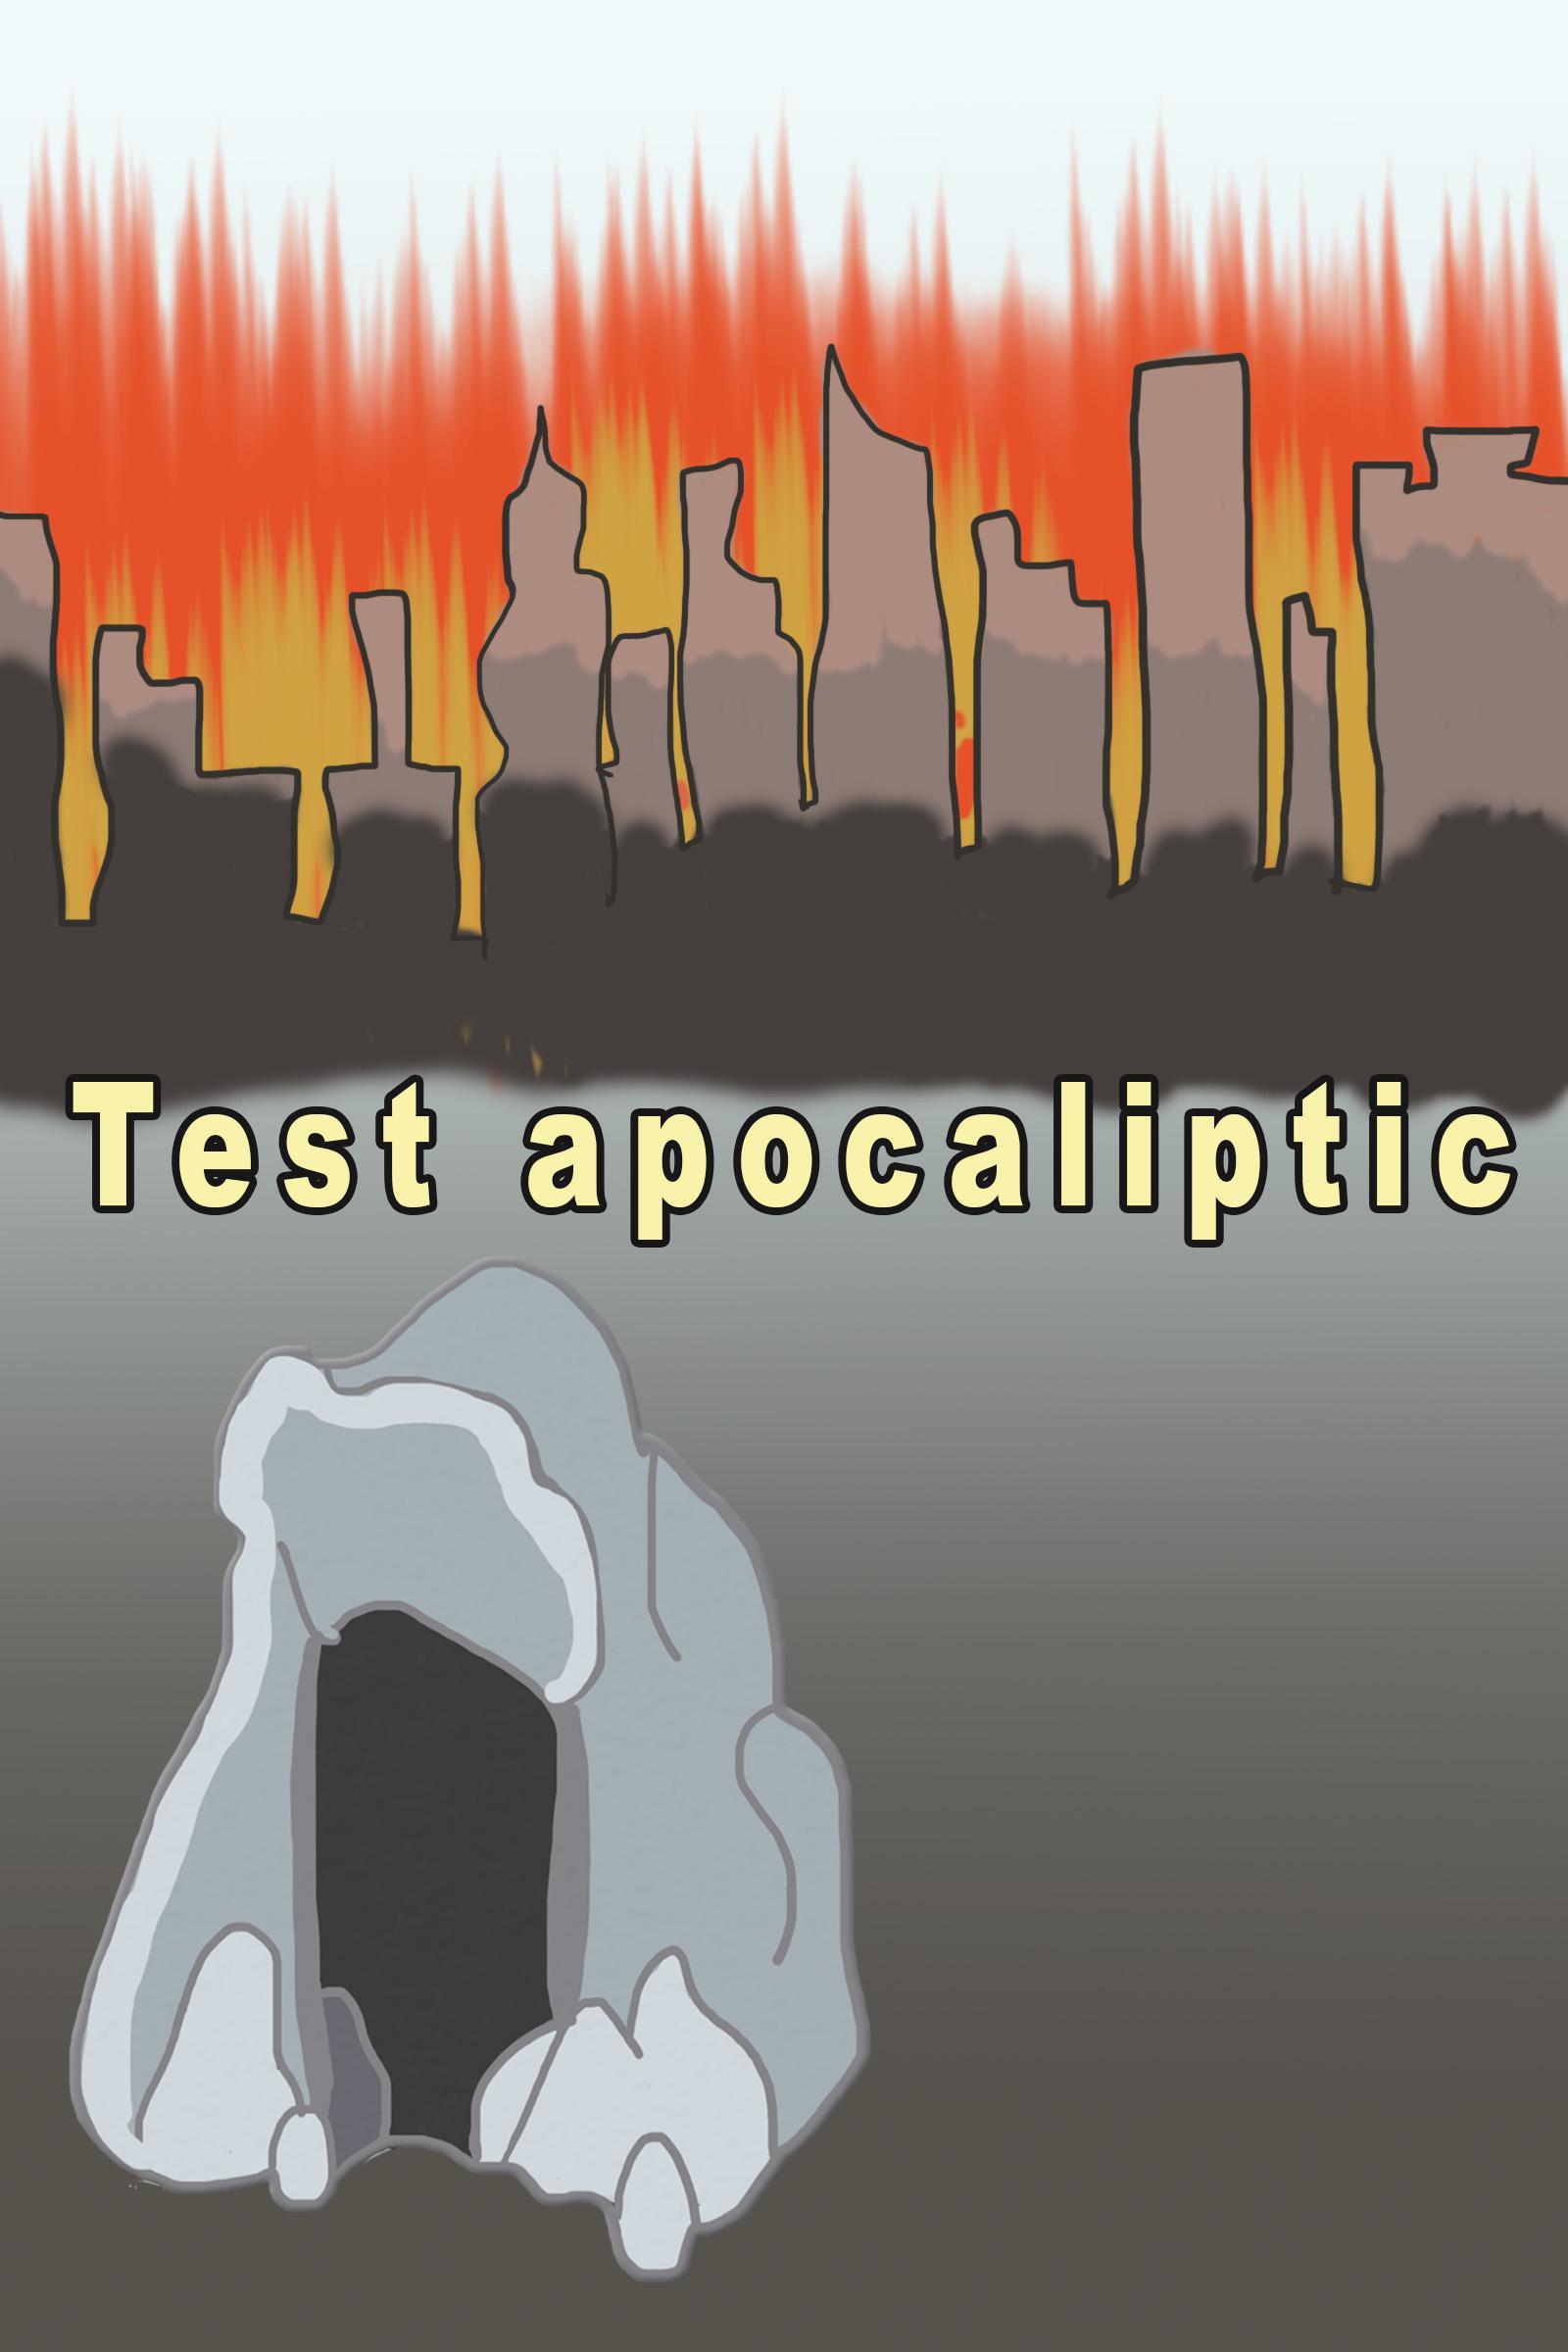 test-apocaliptic